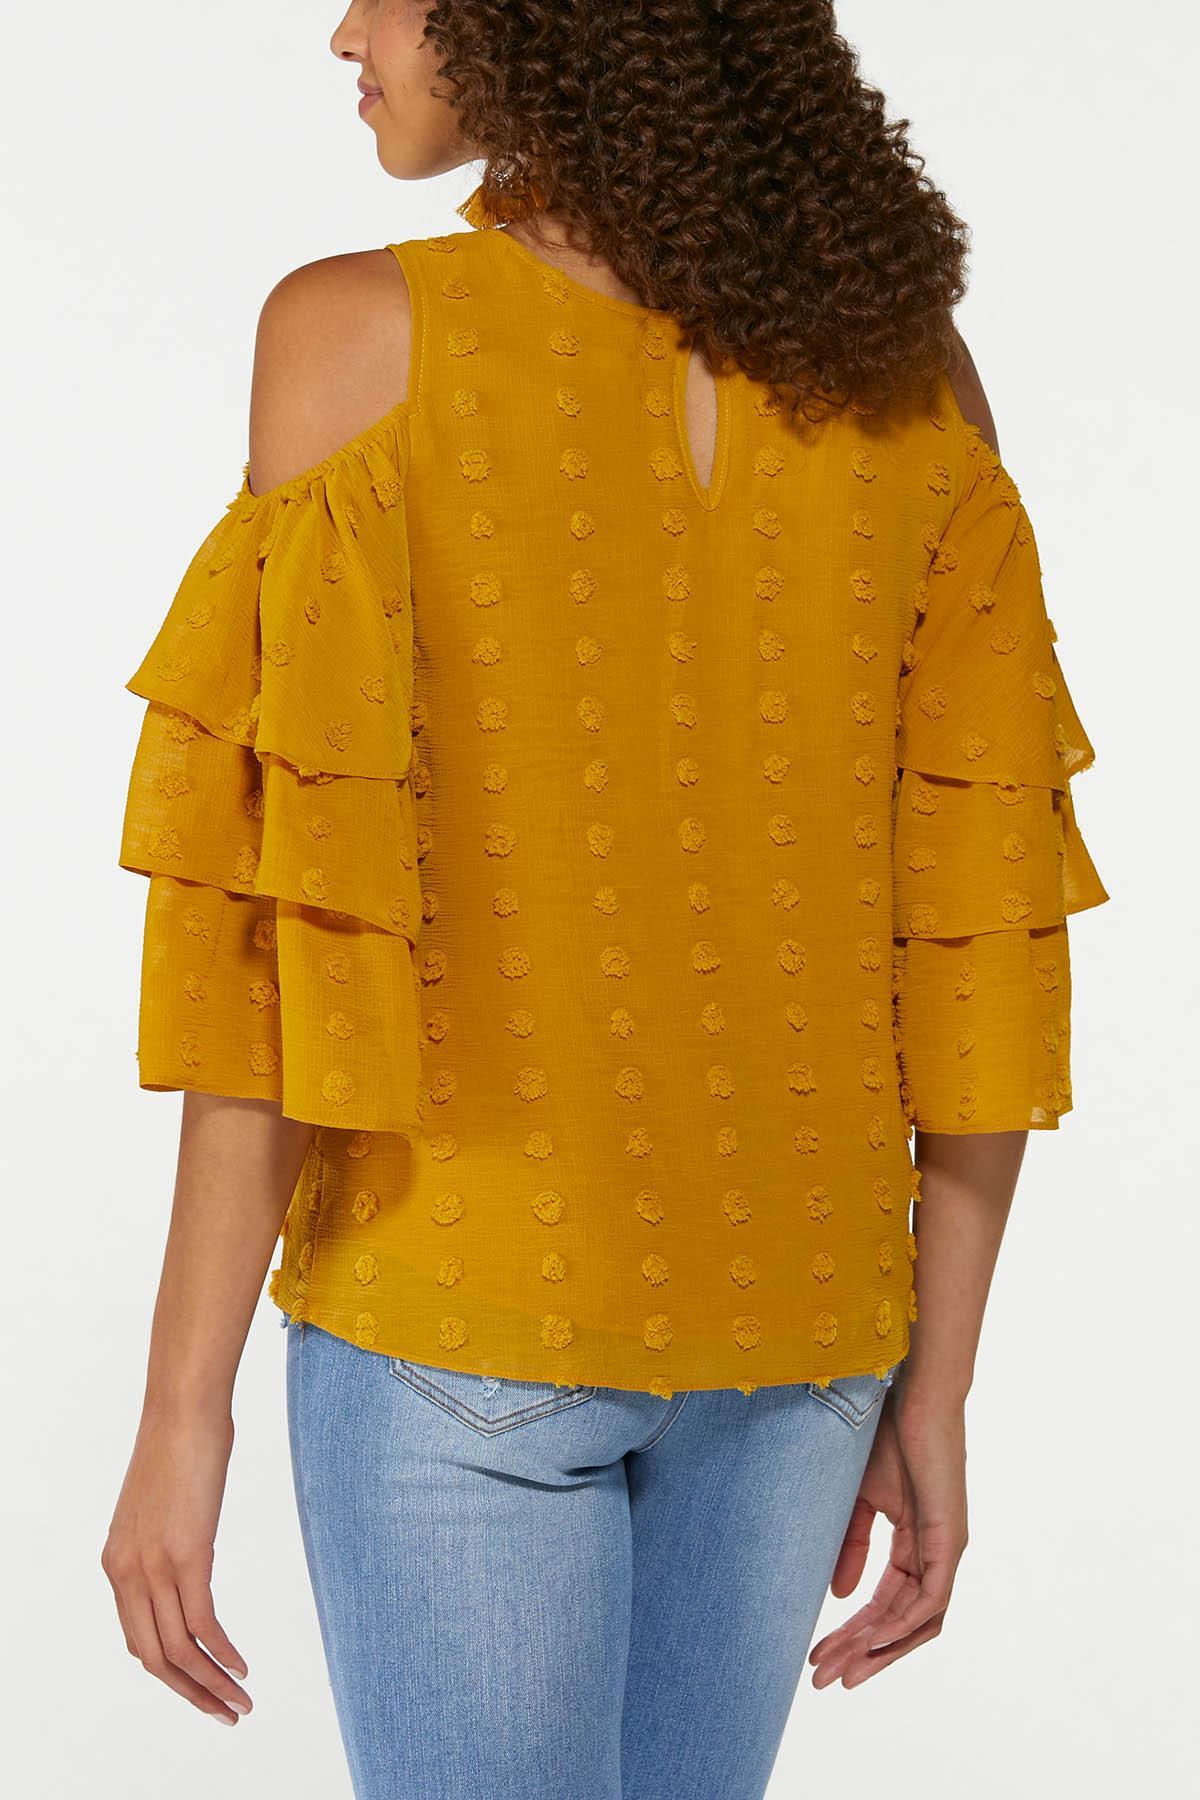 Dotted Cold Shoulder Top (Item #44726206)